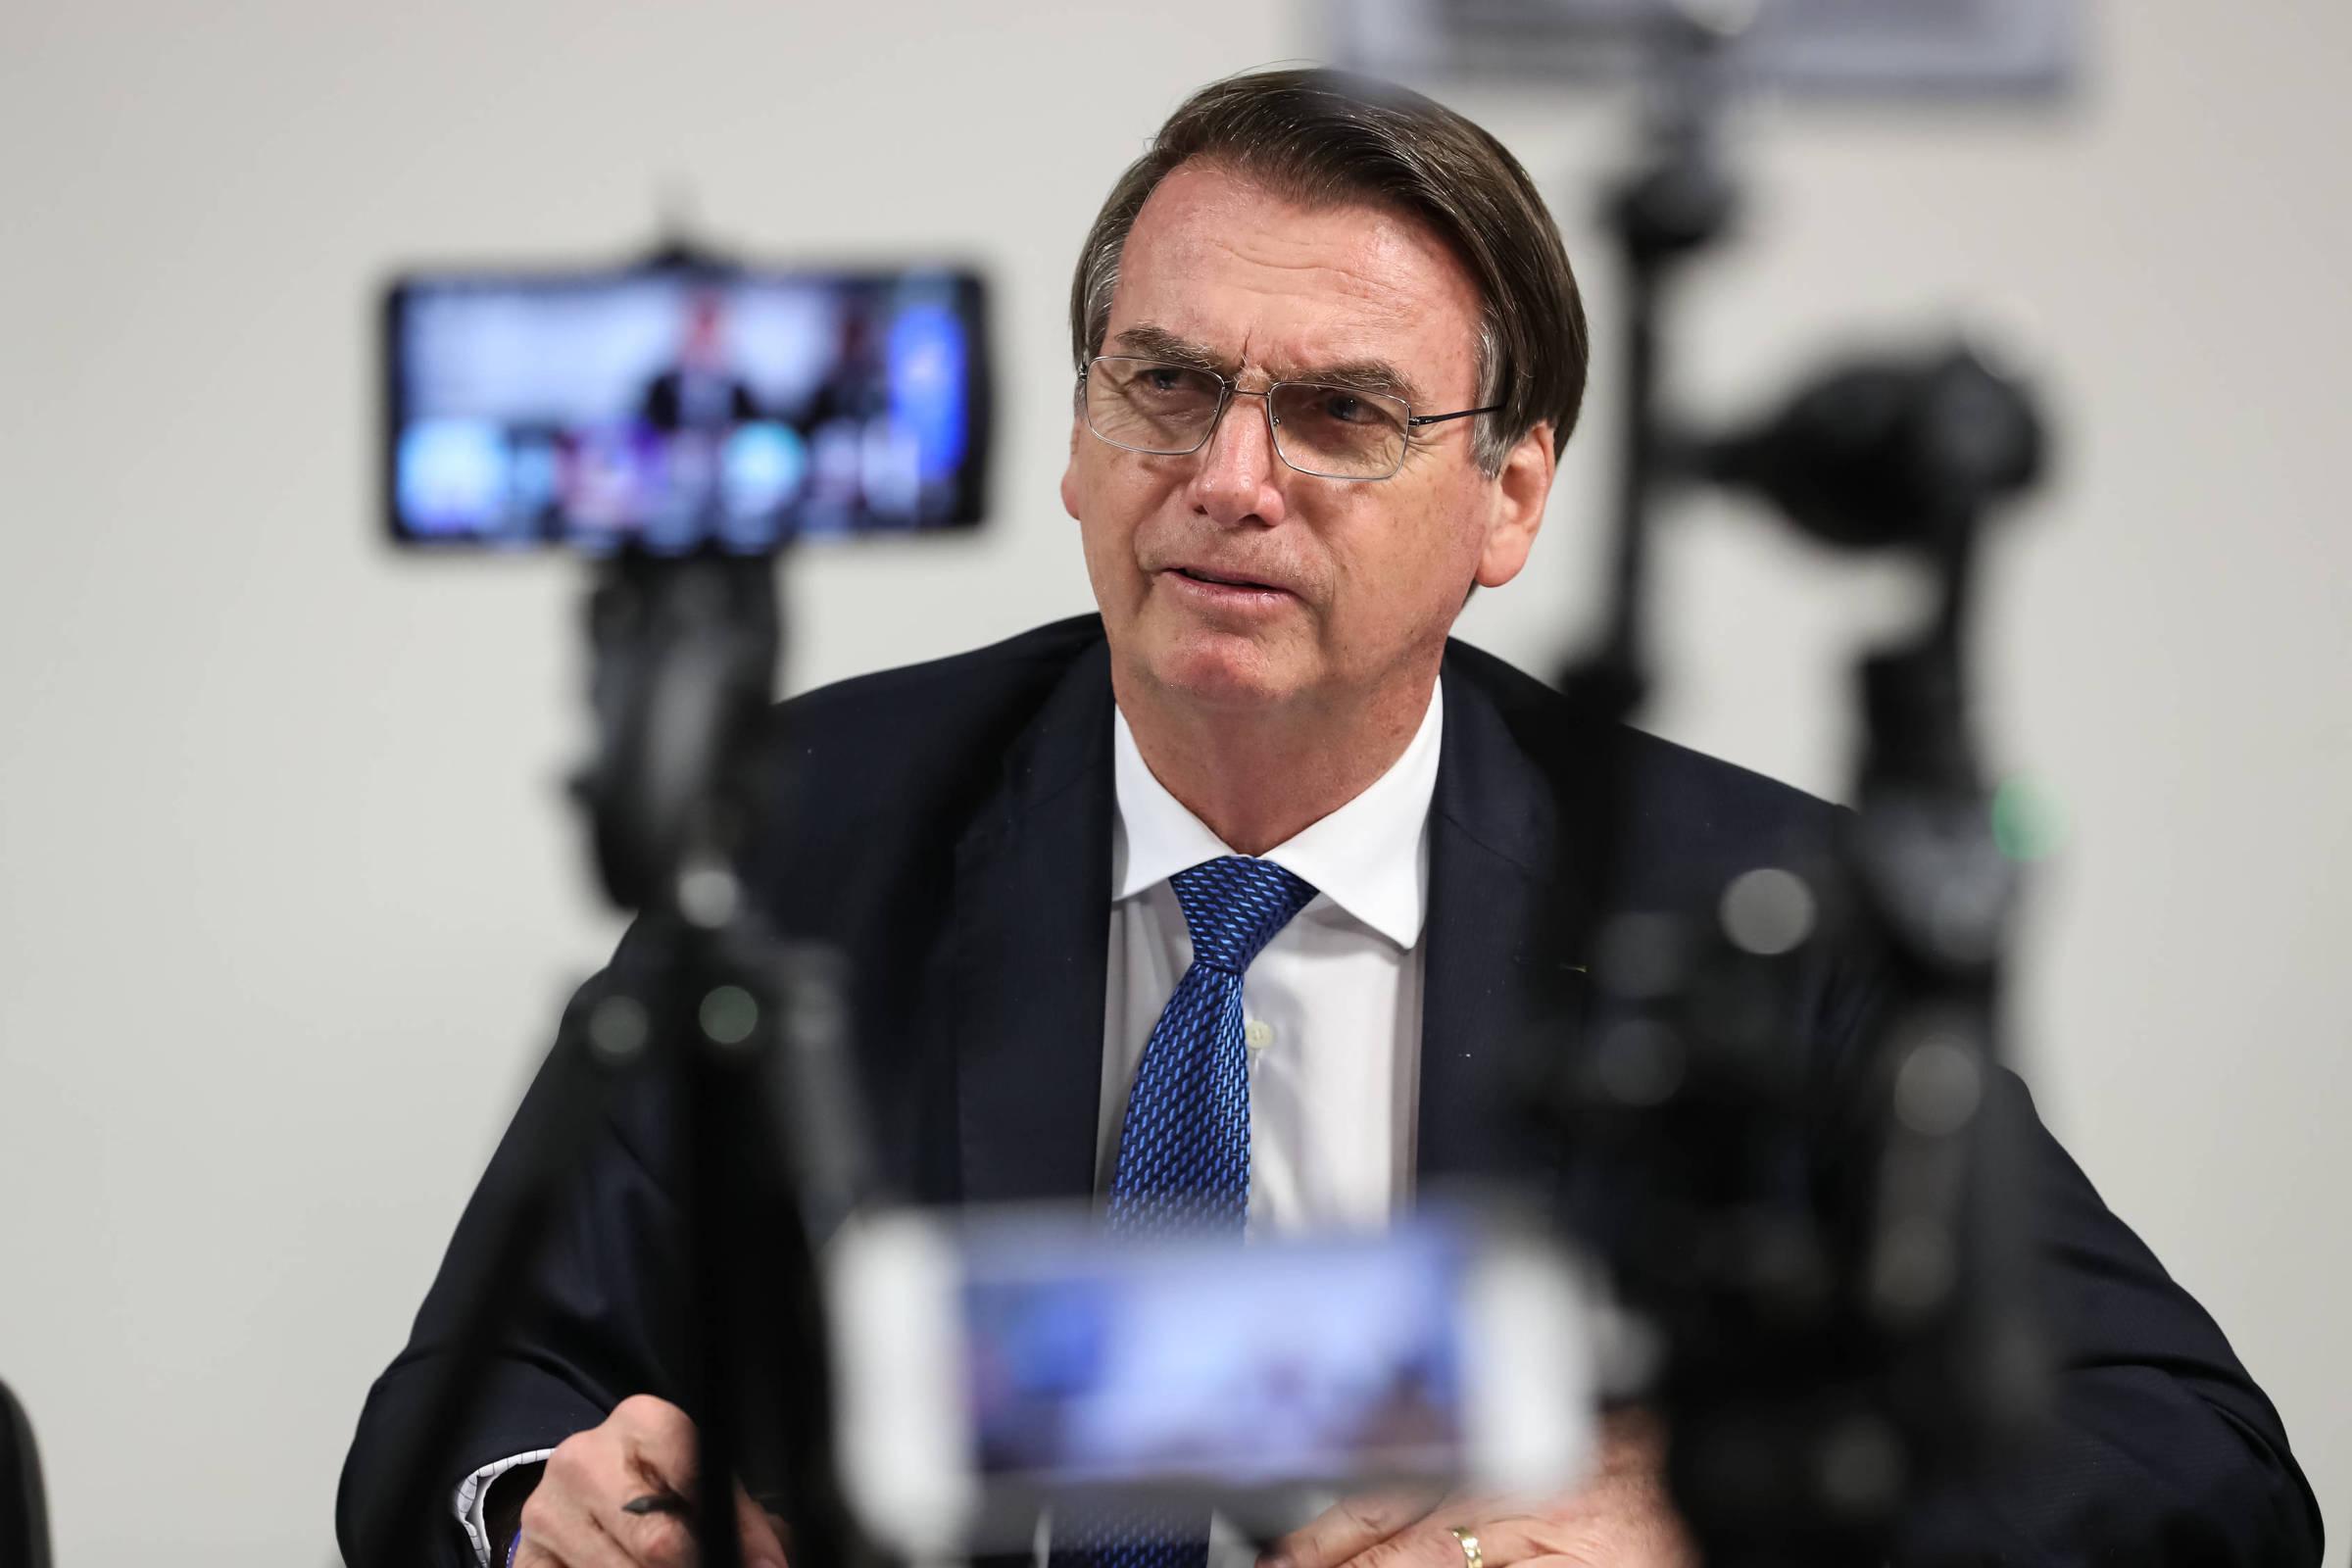 Quem havia sumido, e resolveu aparecer hoje, foi o Cocadinha de Sal. Irreverente como só ele, disse que adoraria um recuo a mais por parte do presidente Jair Bolsonaro….